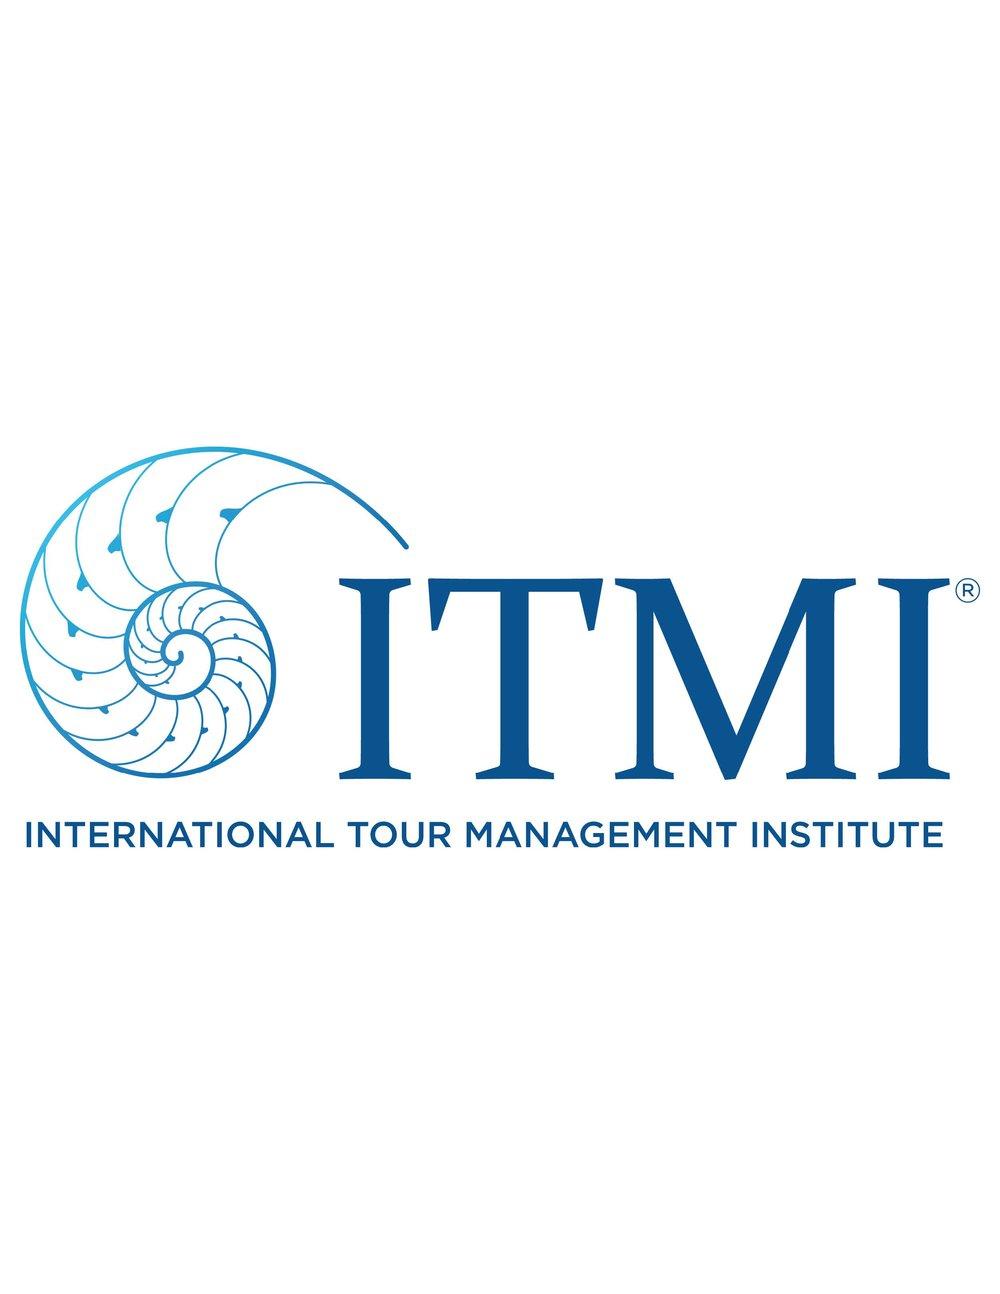 itmi16-logo-reg.jpg